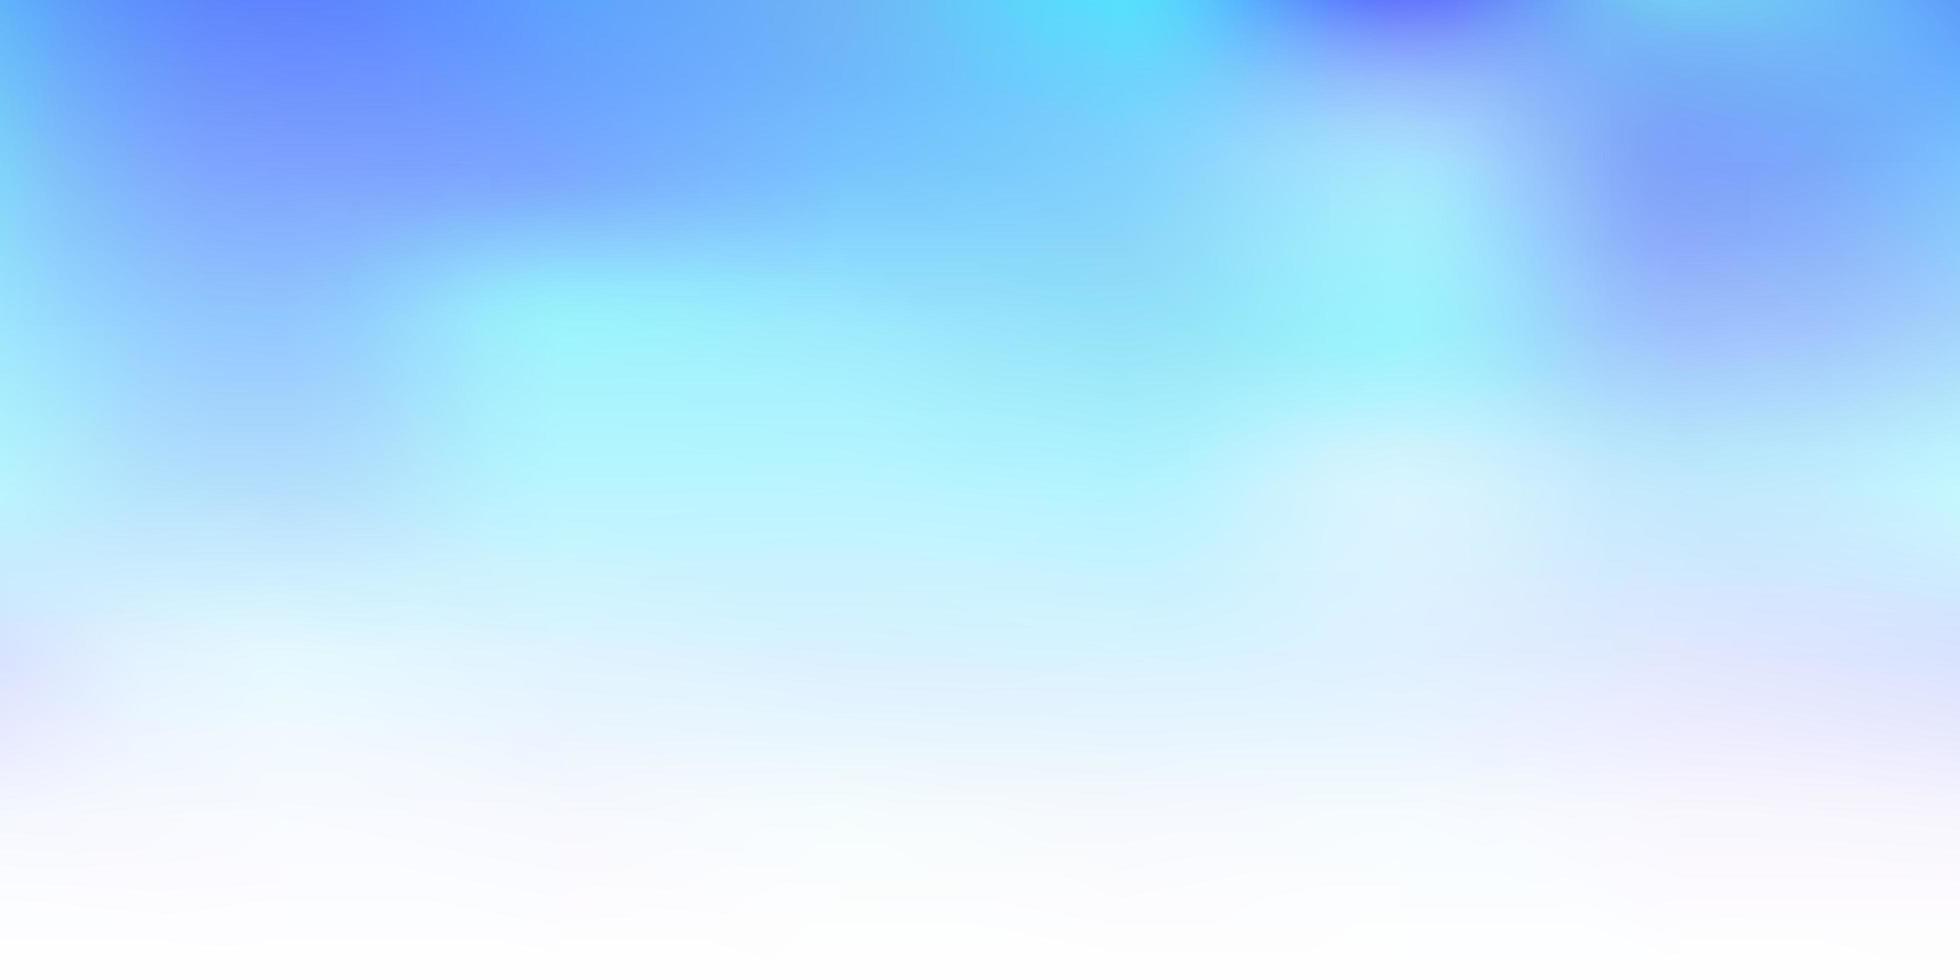 fundo do borrão do vetor azul claro.